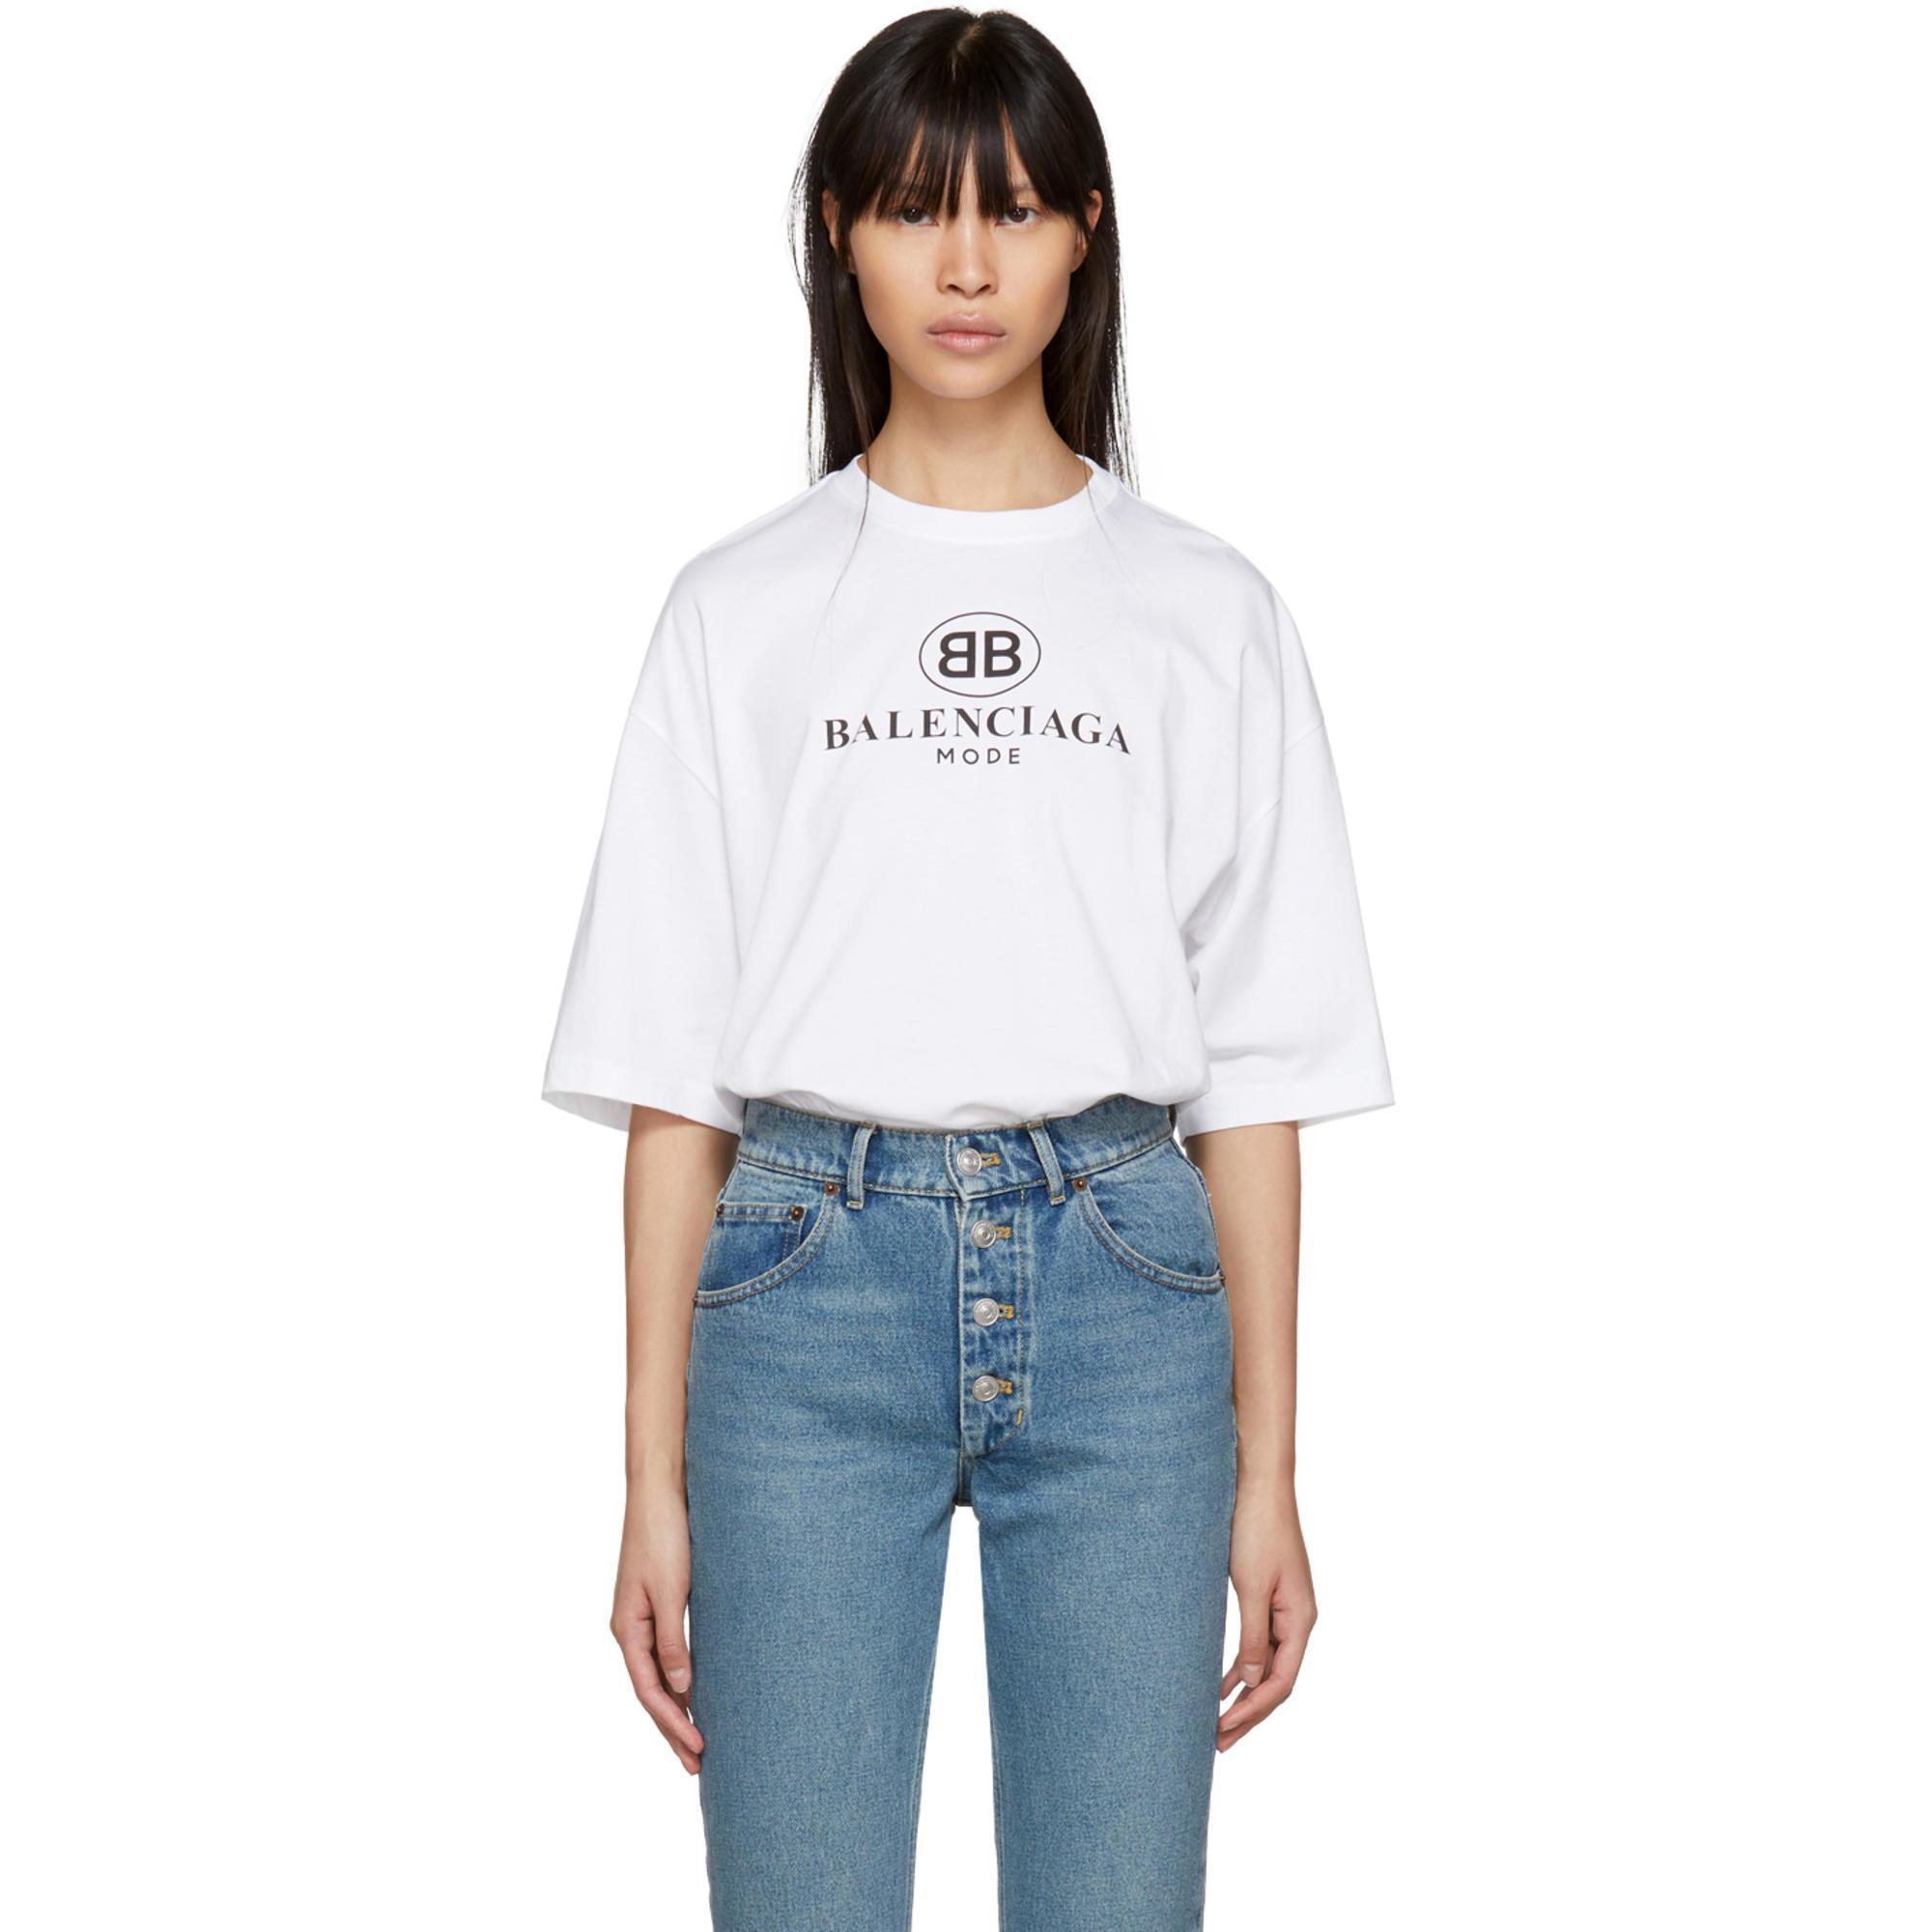 d8c3c6092f89c Lyst - Balenciaga White Bb Mode T-shirt in White